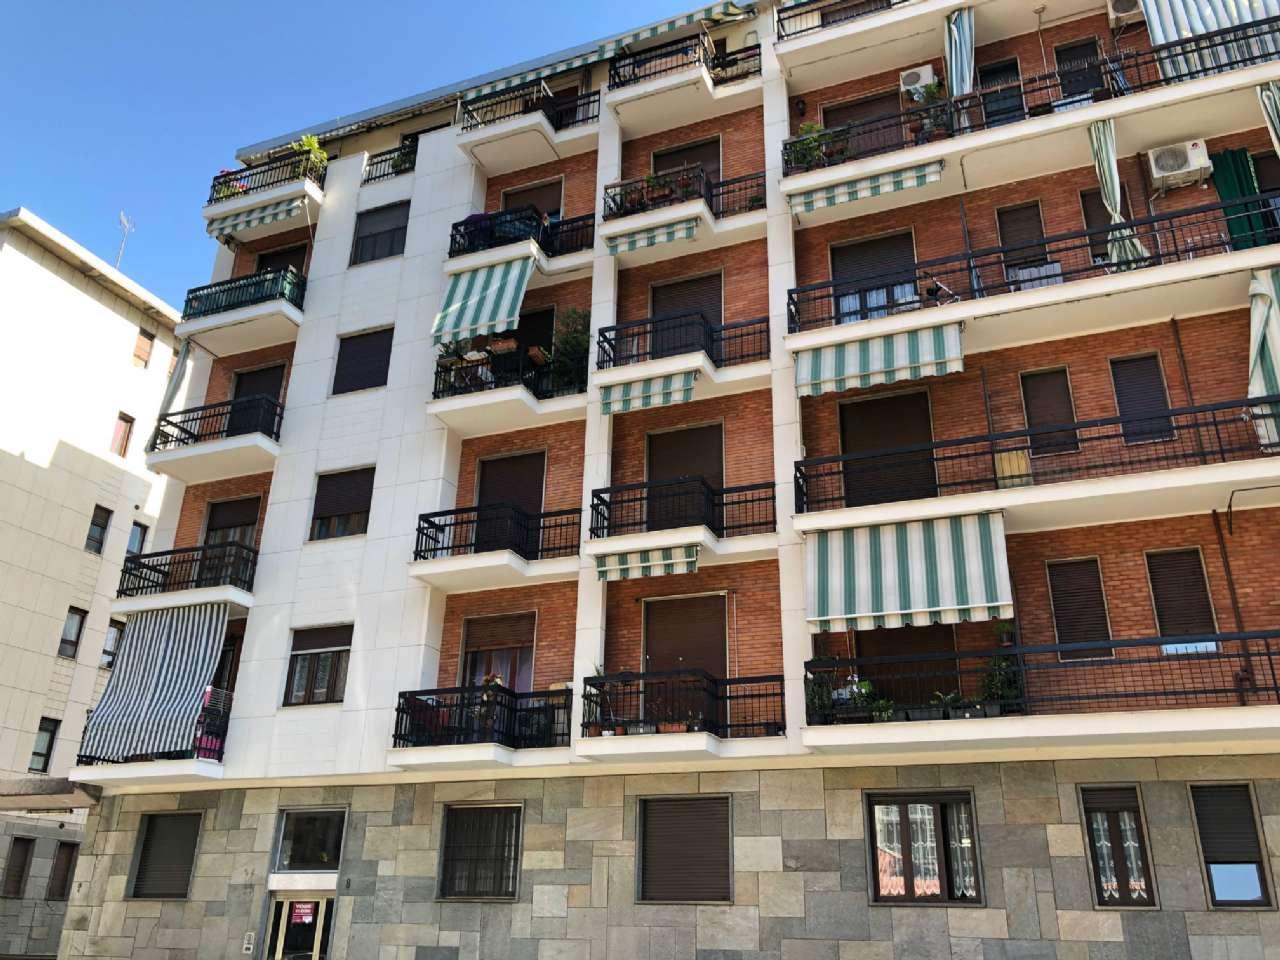 Appartamento in vendita Zona Barriera Milano, Falchera, Barca-Be... - via poggio 8 Torino